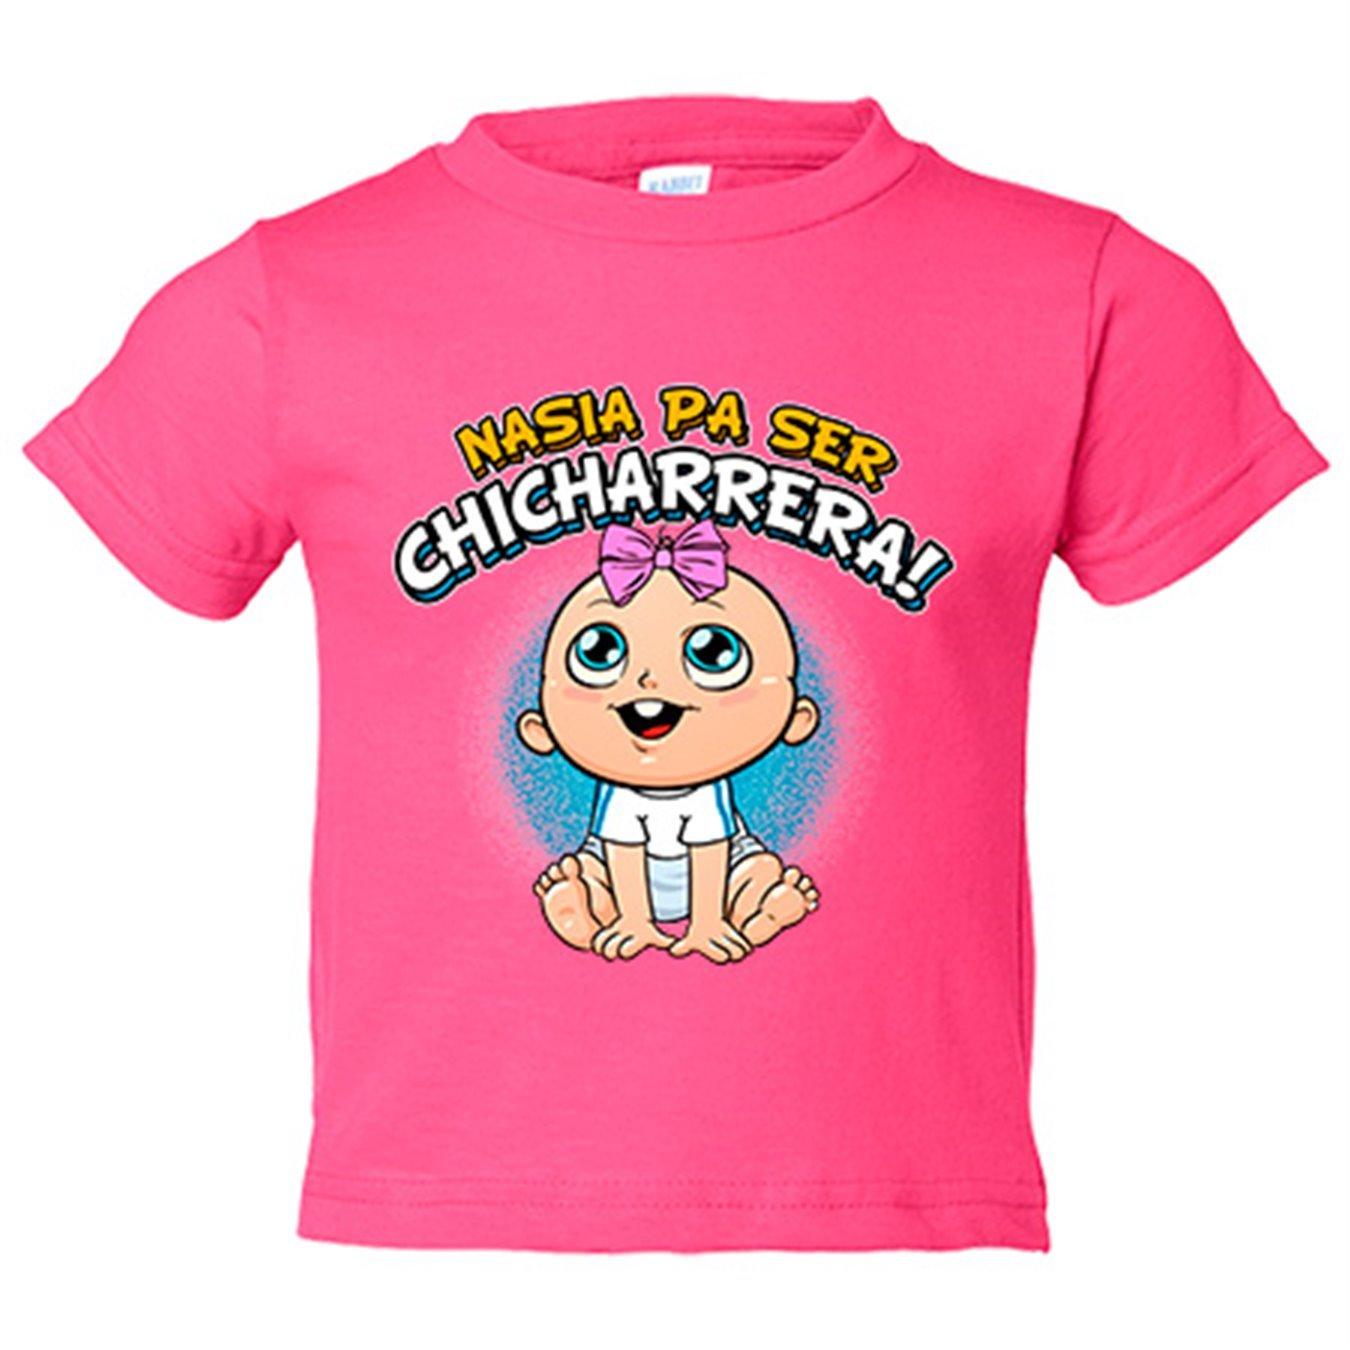 Camiseta niño nacida para ser Chicharrera Tenerife fútbol - Azul Royal, 3-4 años: Amazon.es: Bebé